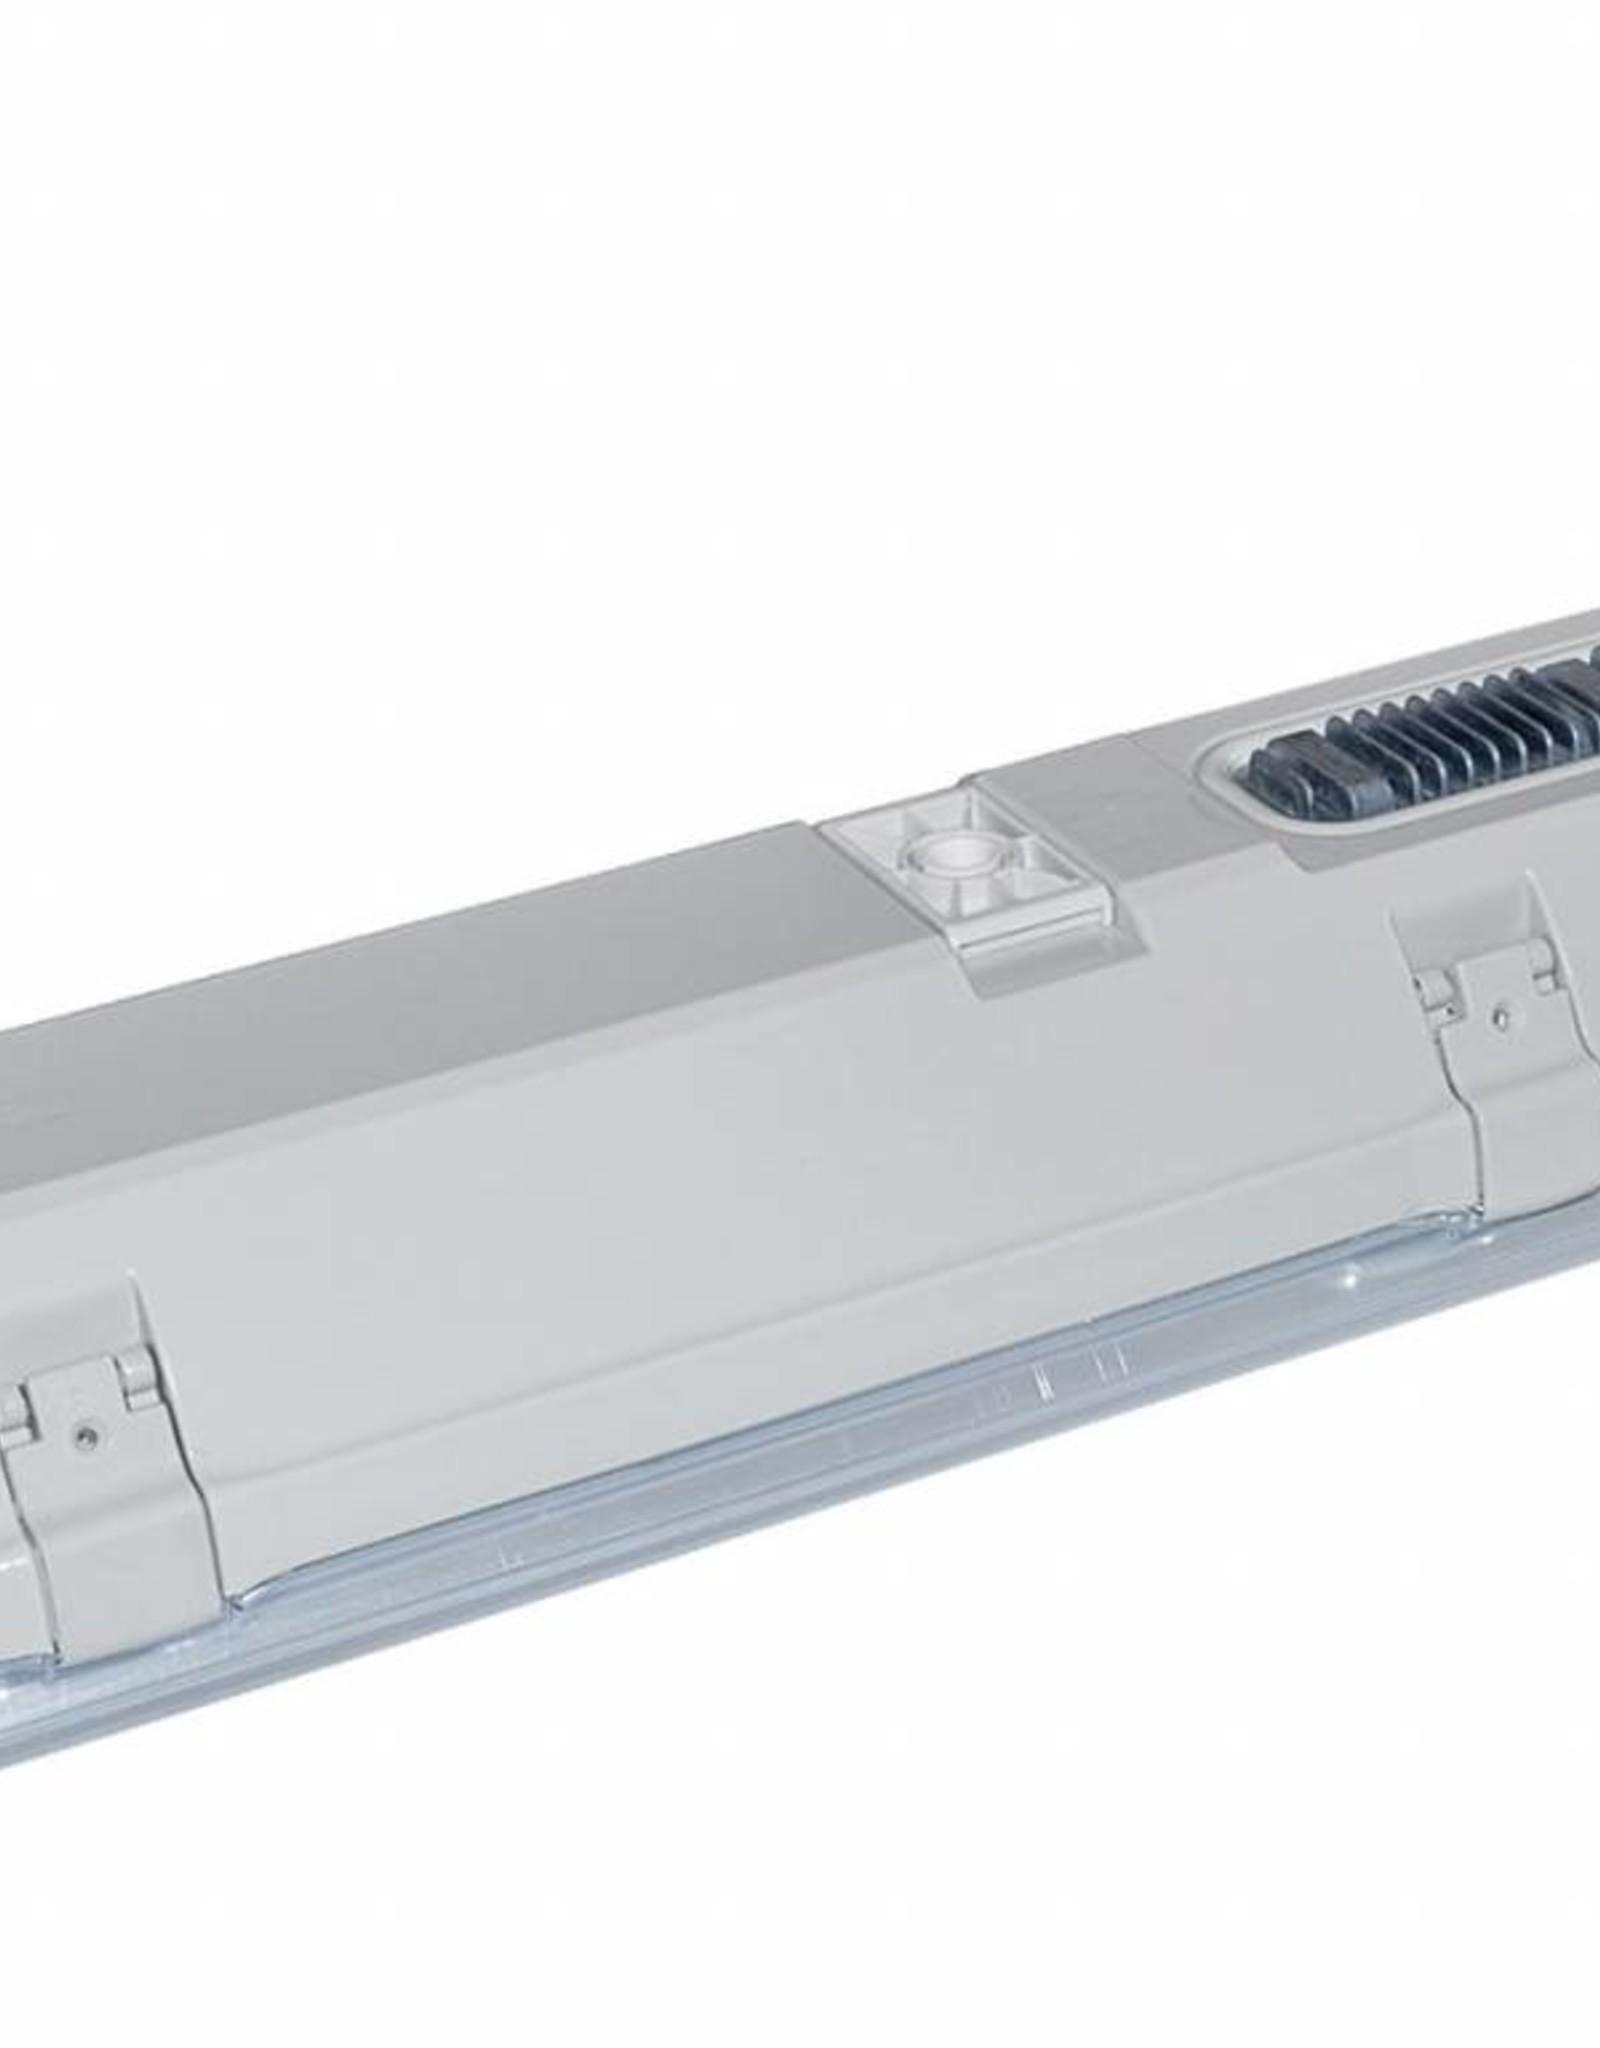 FUTURA NB 2.5ft PCc Al 11000/840